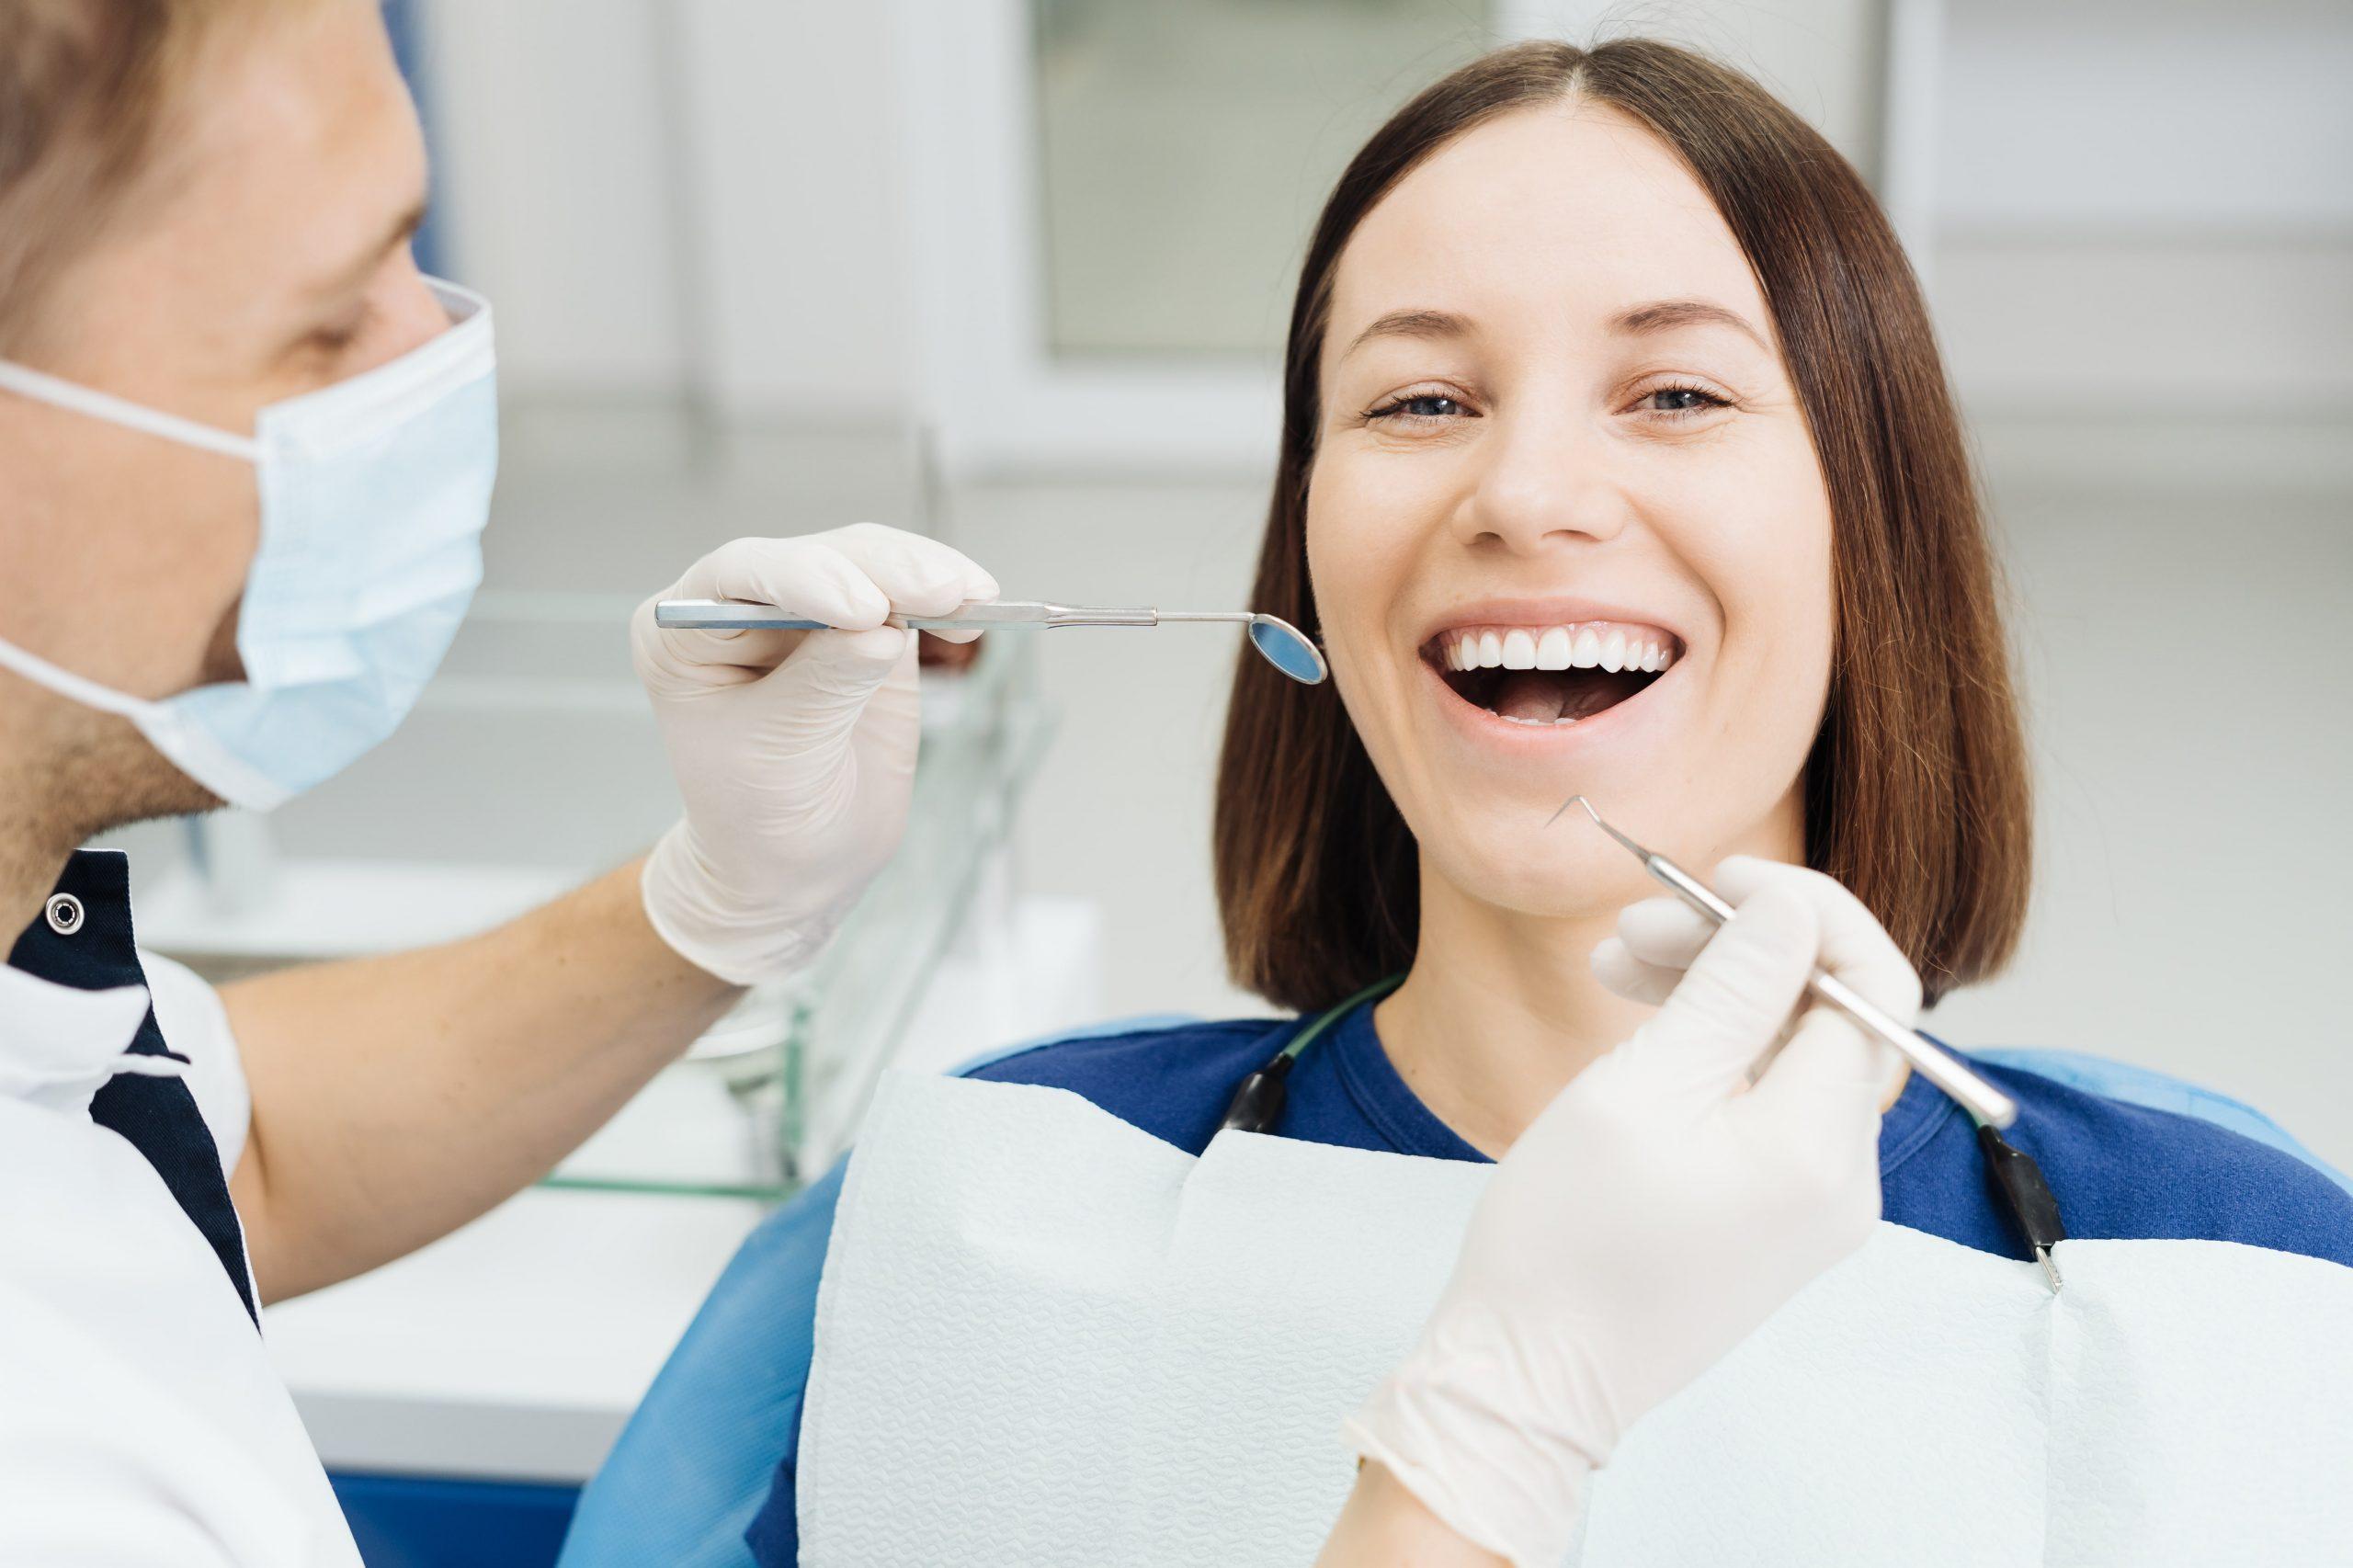 Retenedores dentales: Qué son, para qué sirven y tipos de retenedores